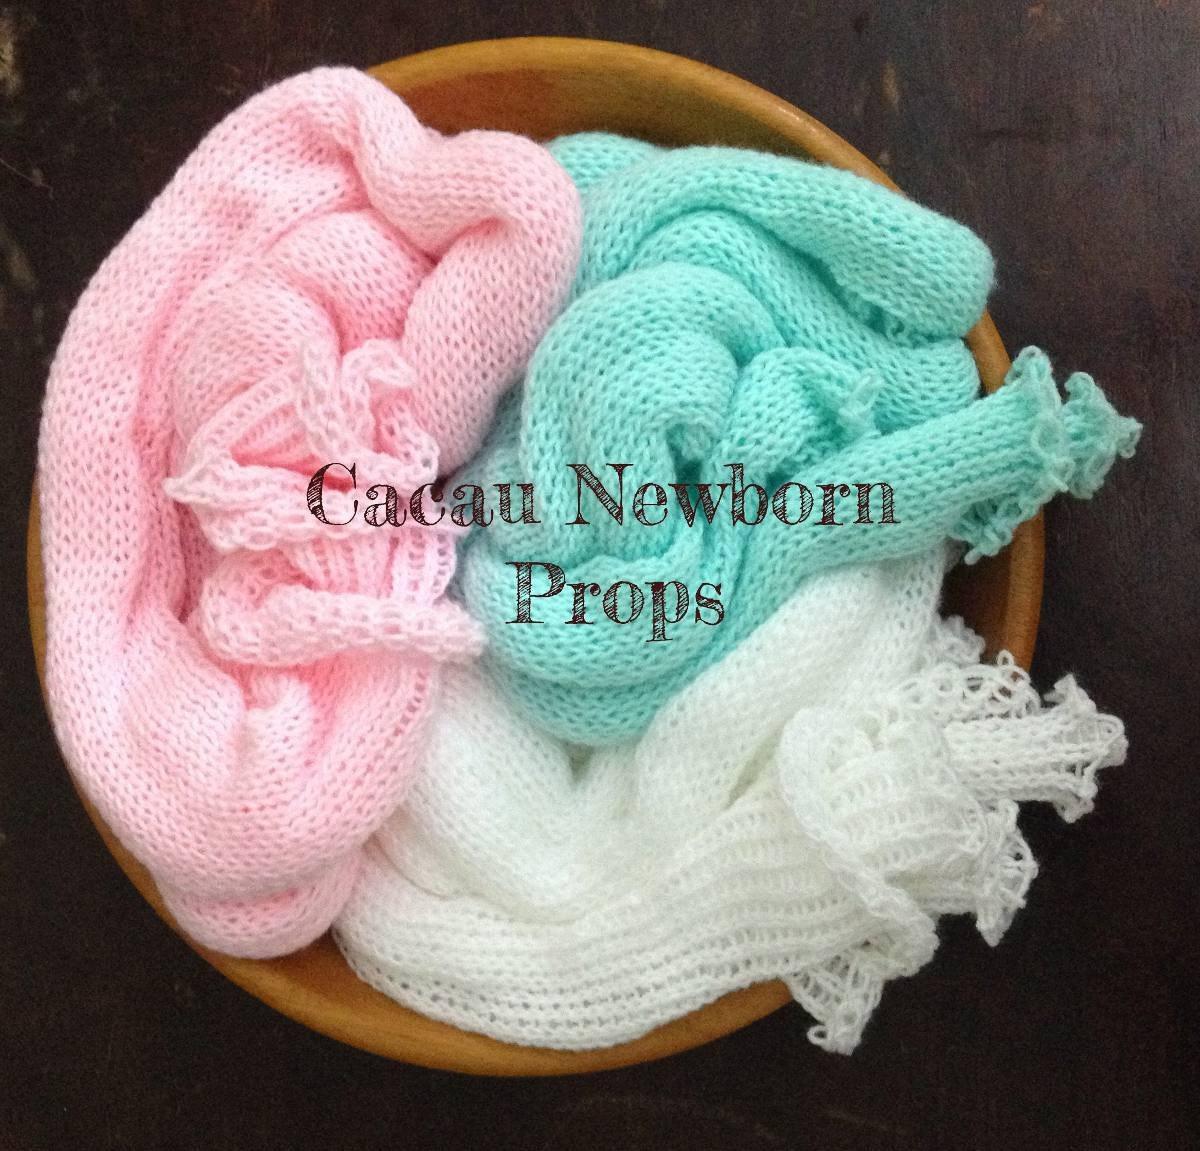 3 Wraps Eg + 3 Toucas Newborn ( Fotos Originais Do Produto) - R  60 ... c843145f1e3